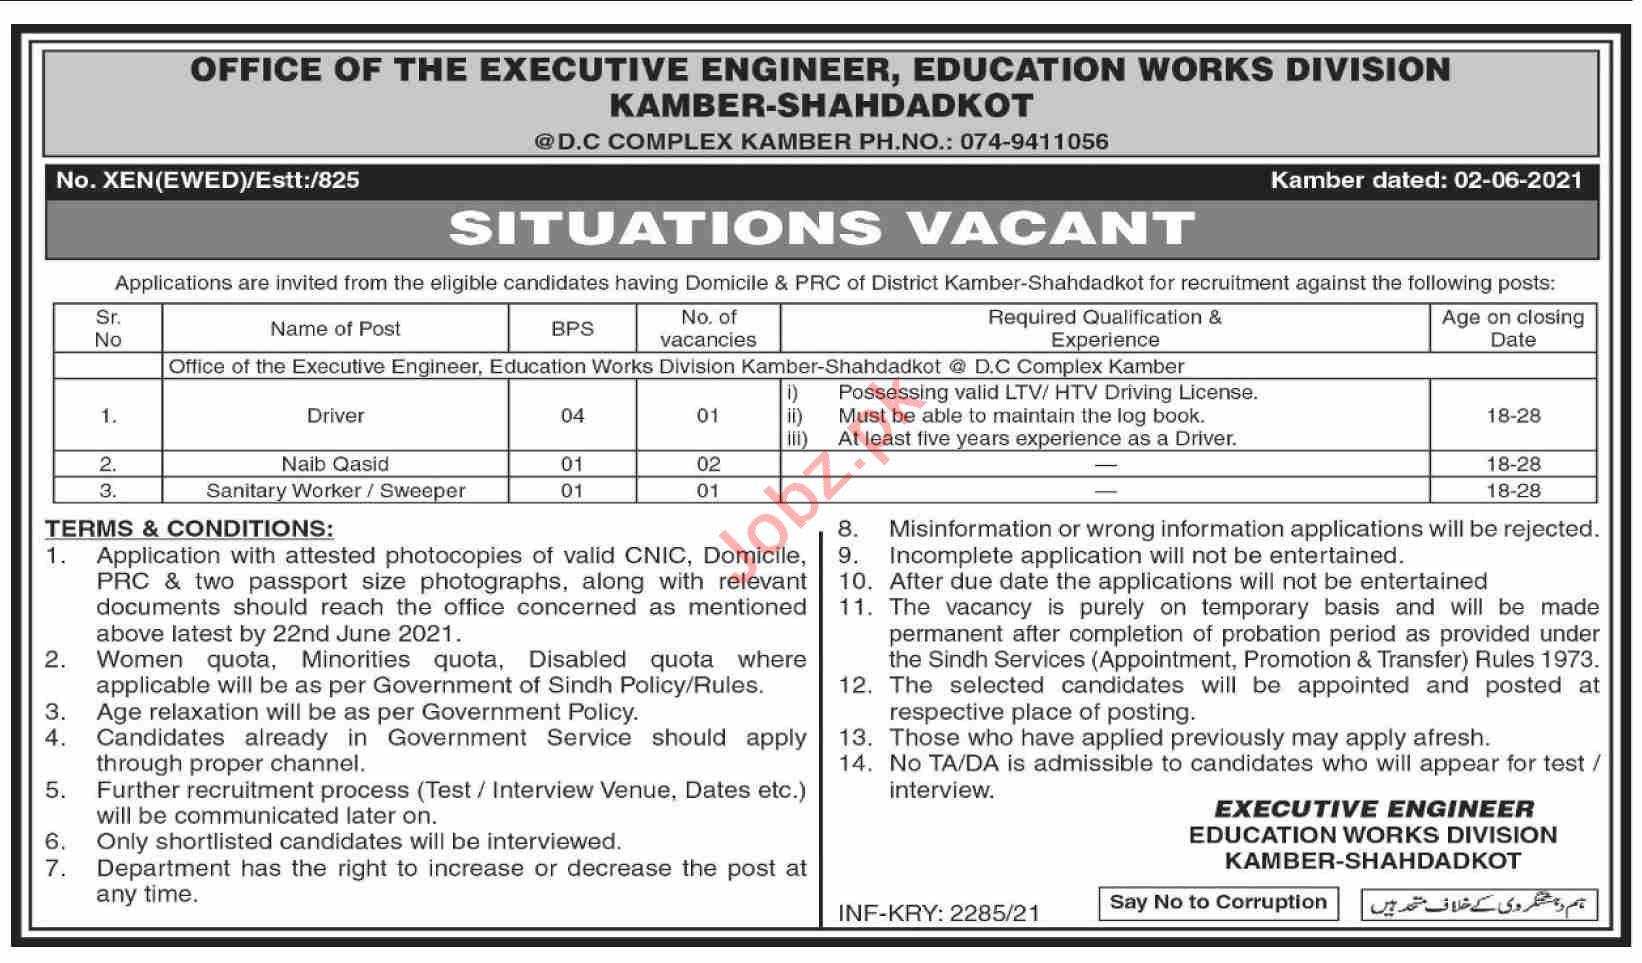 Educations Works Division Kamber Shahdadkot Jobs 2021